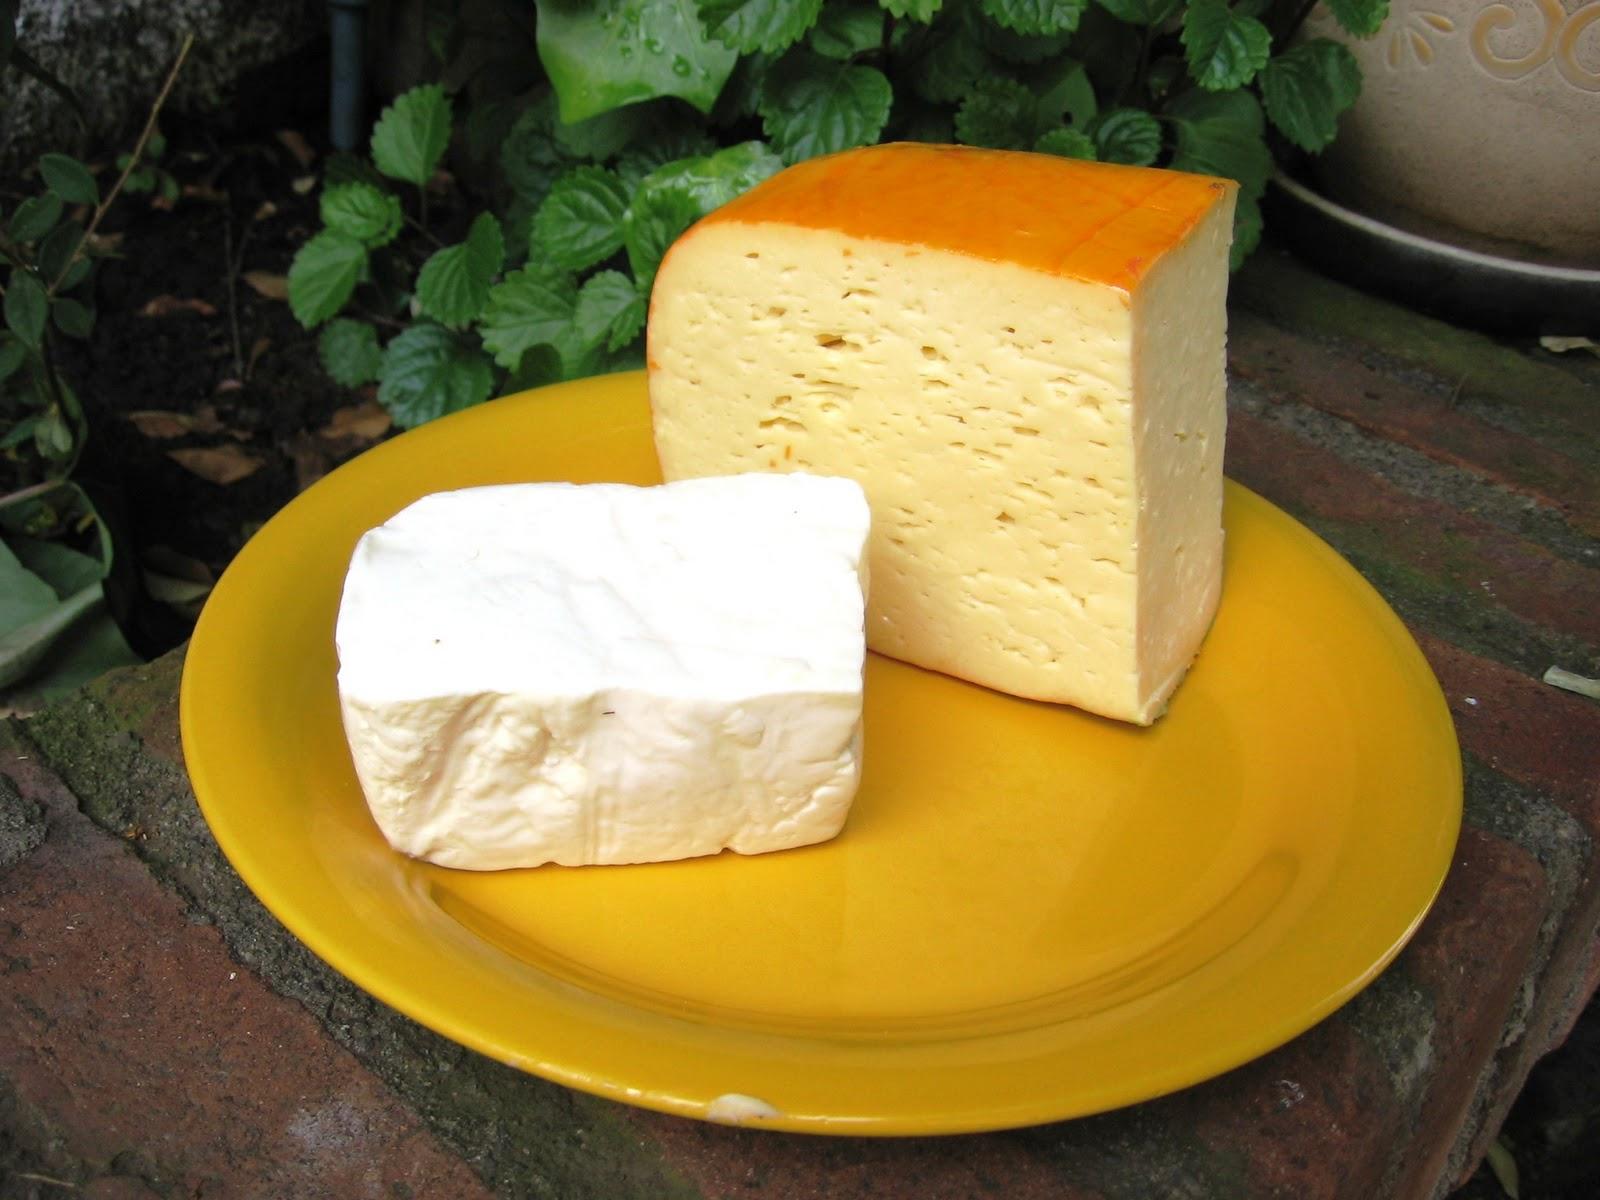 quesillo cheese